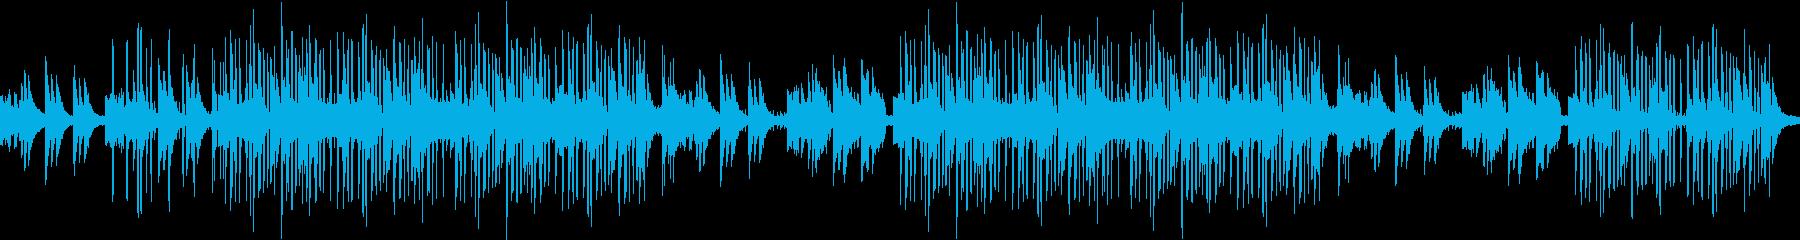 哀愁・エンディング・ピアノ・ループの再生済みの波形